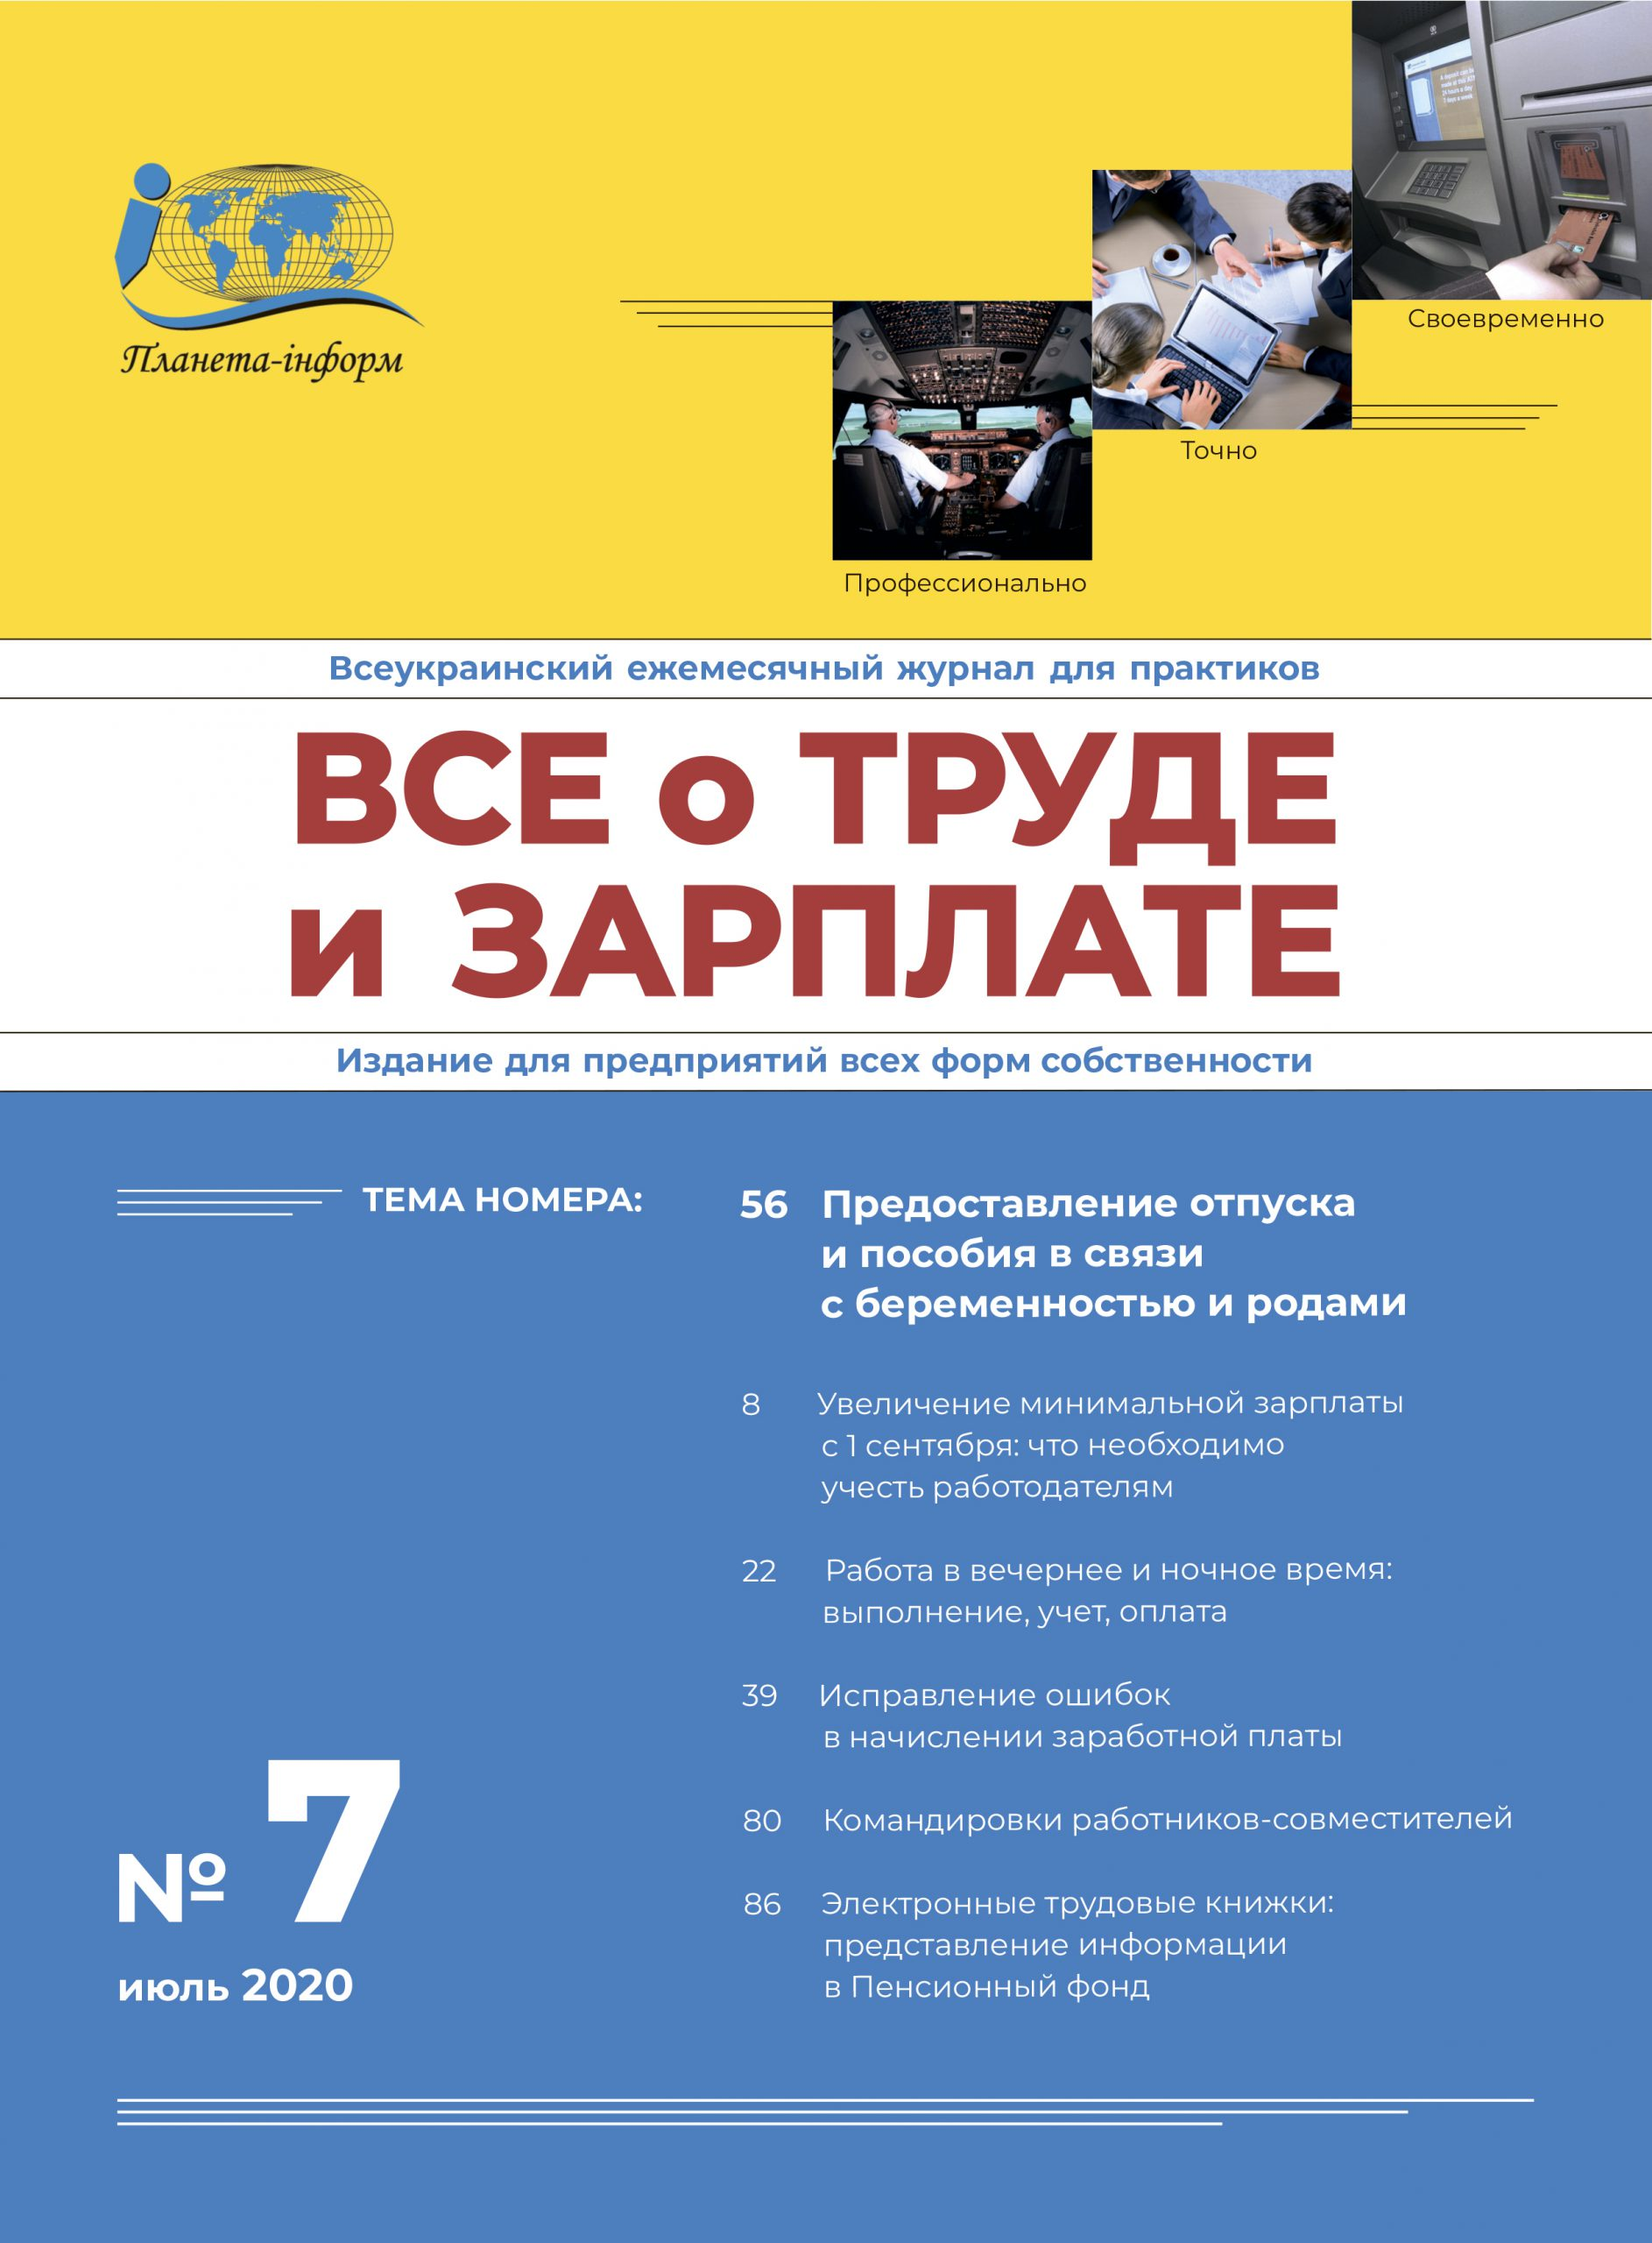 Журнал «Все о труде и зарплате» № 7/2020